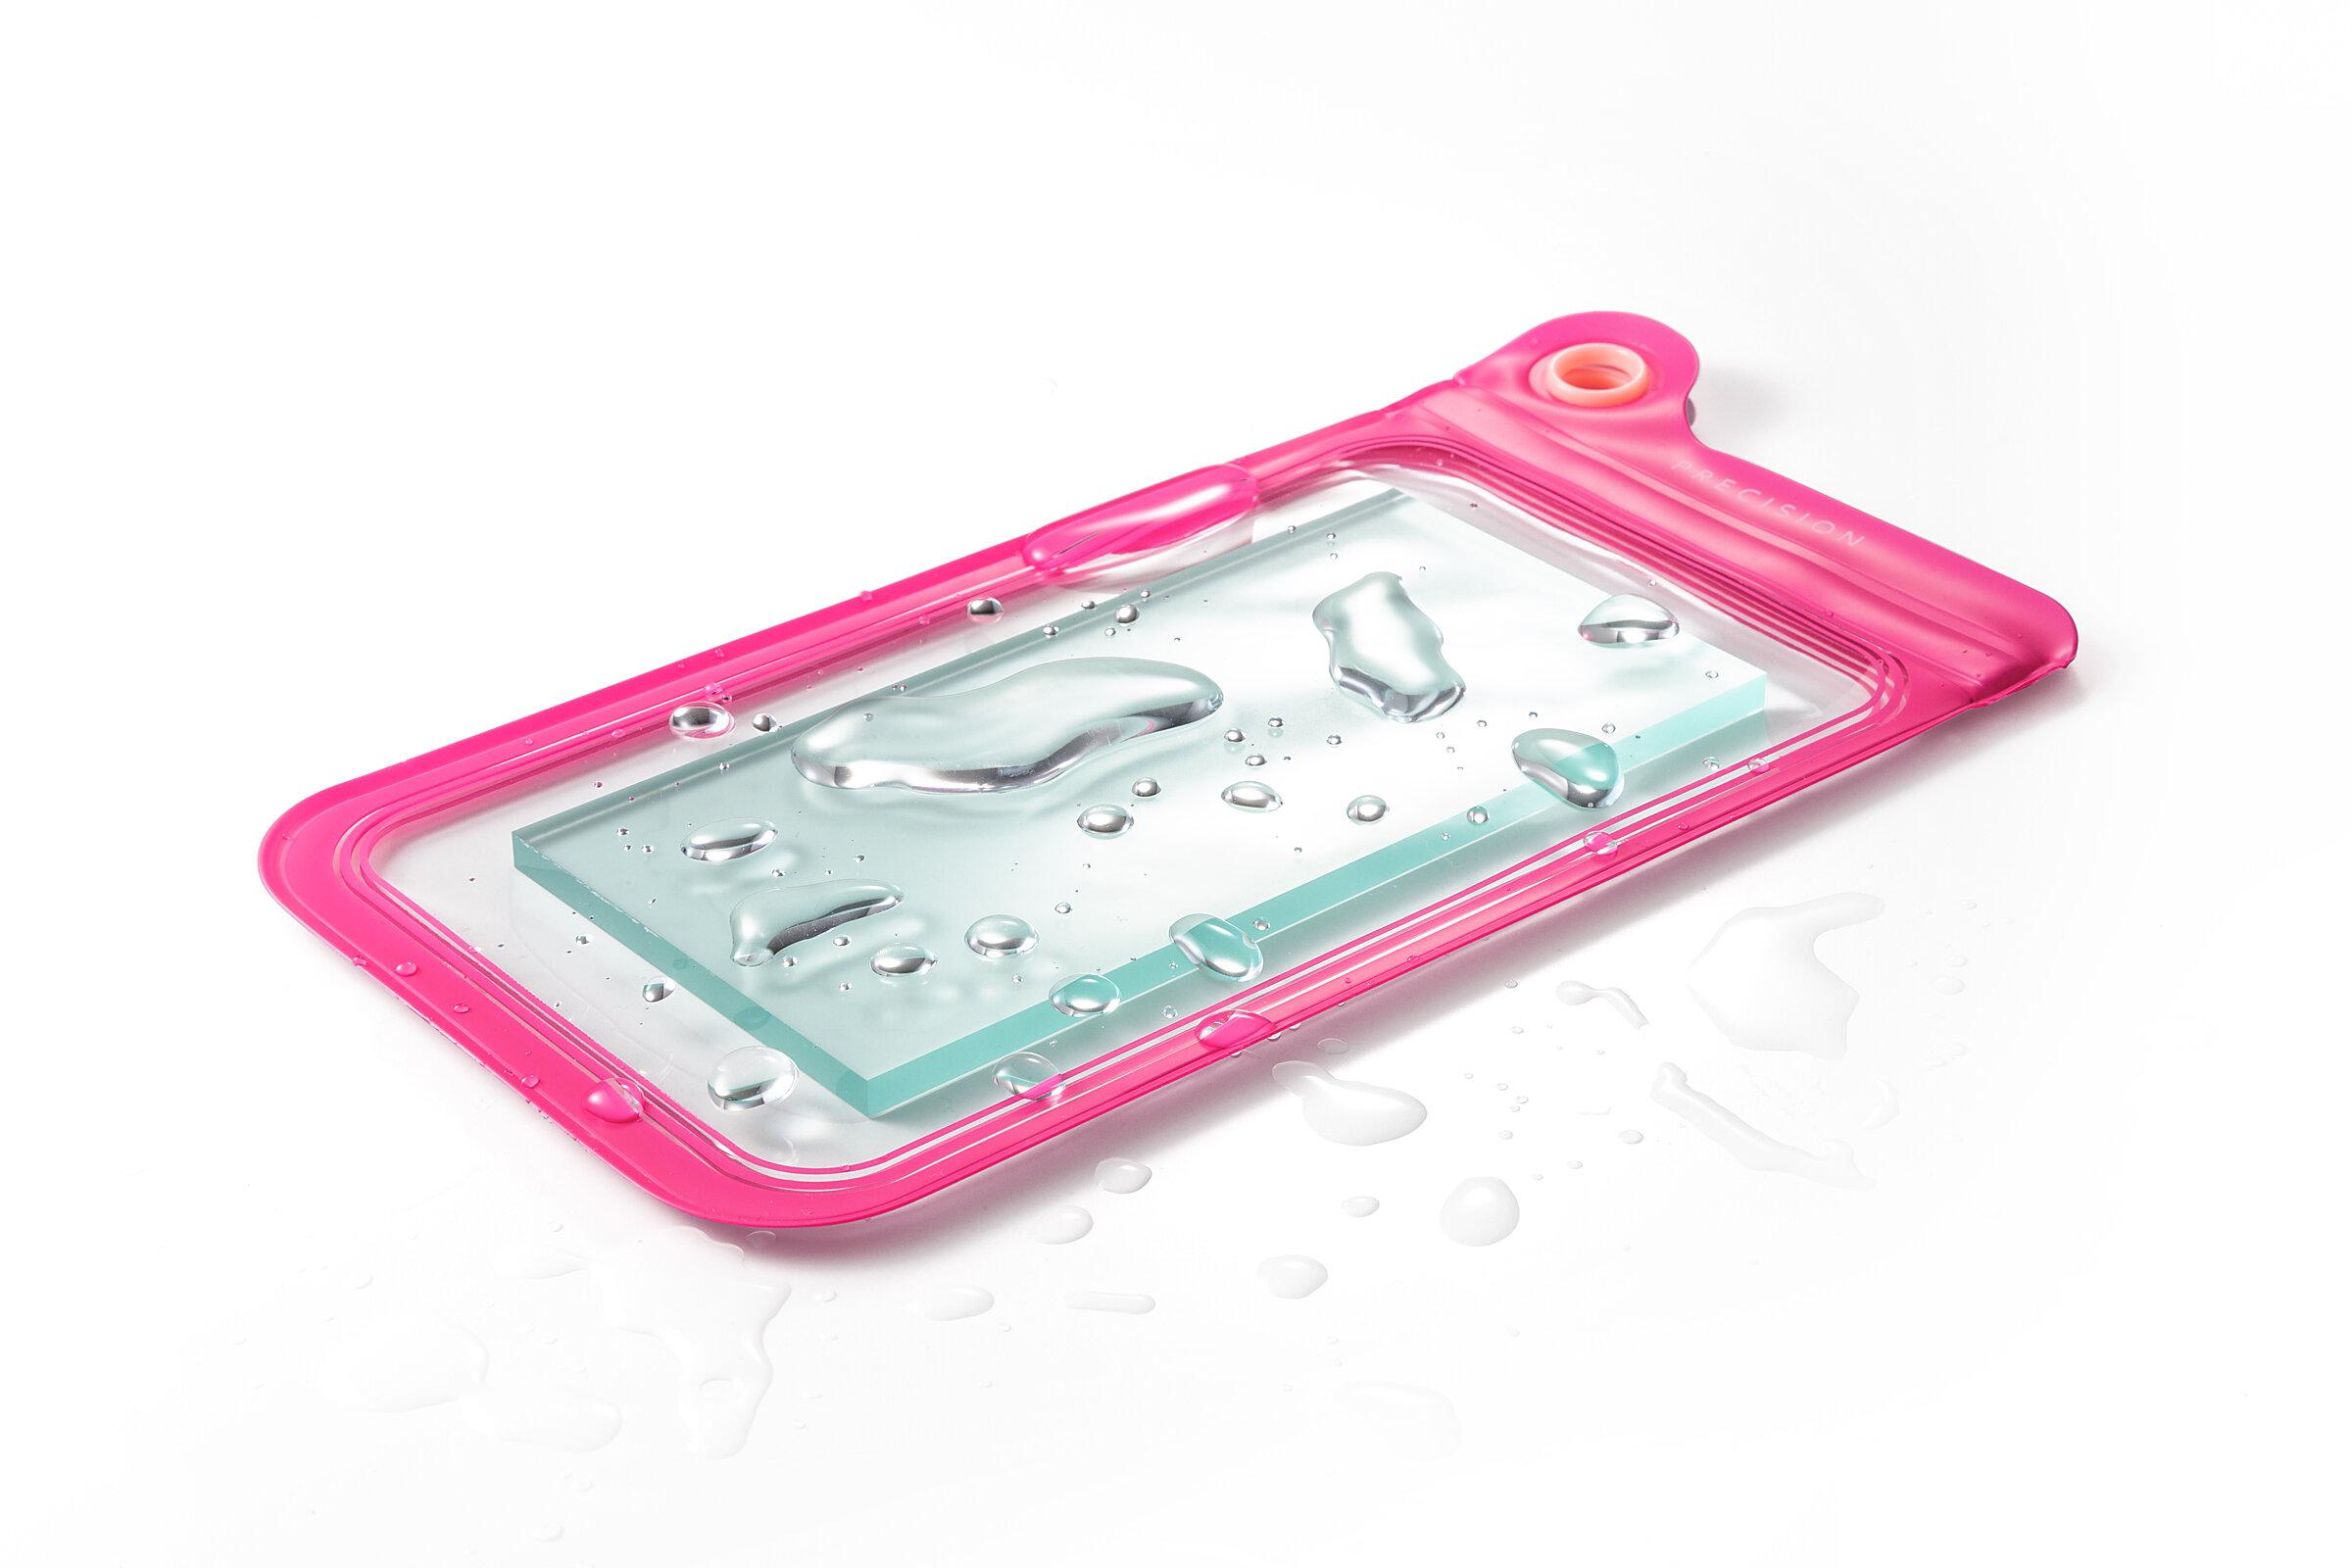 水滴や汚れからスマートフォンを保護する防滴ケース